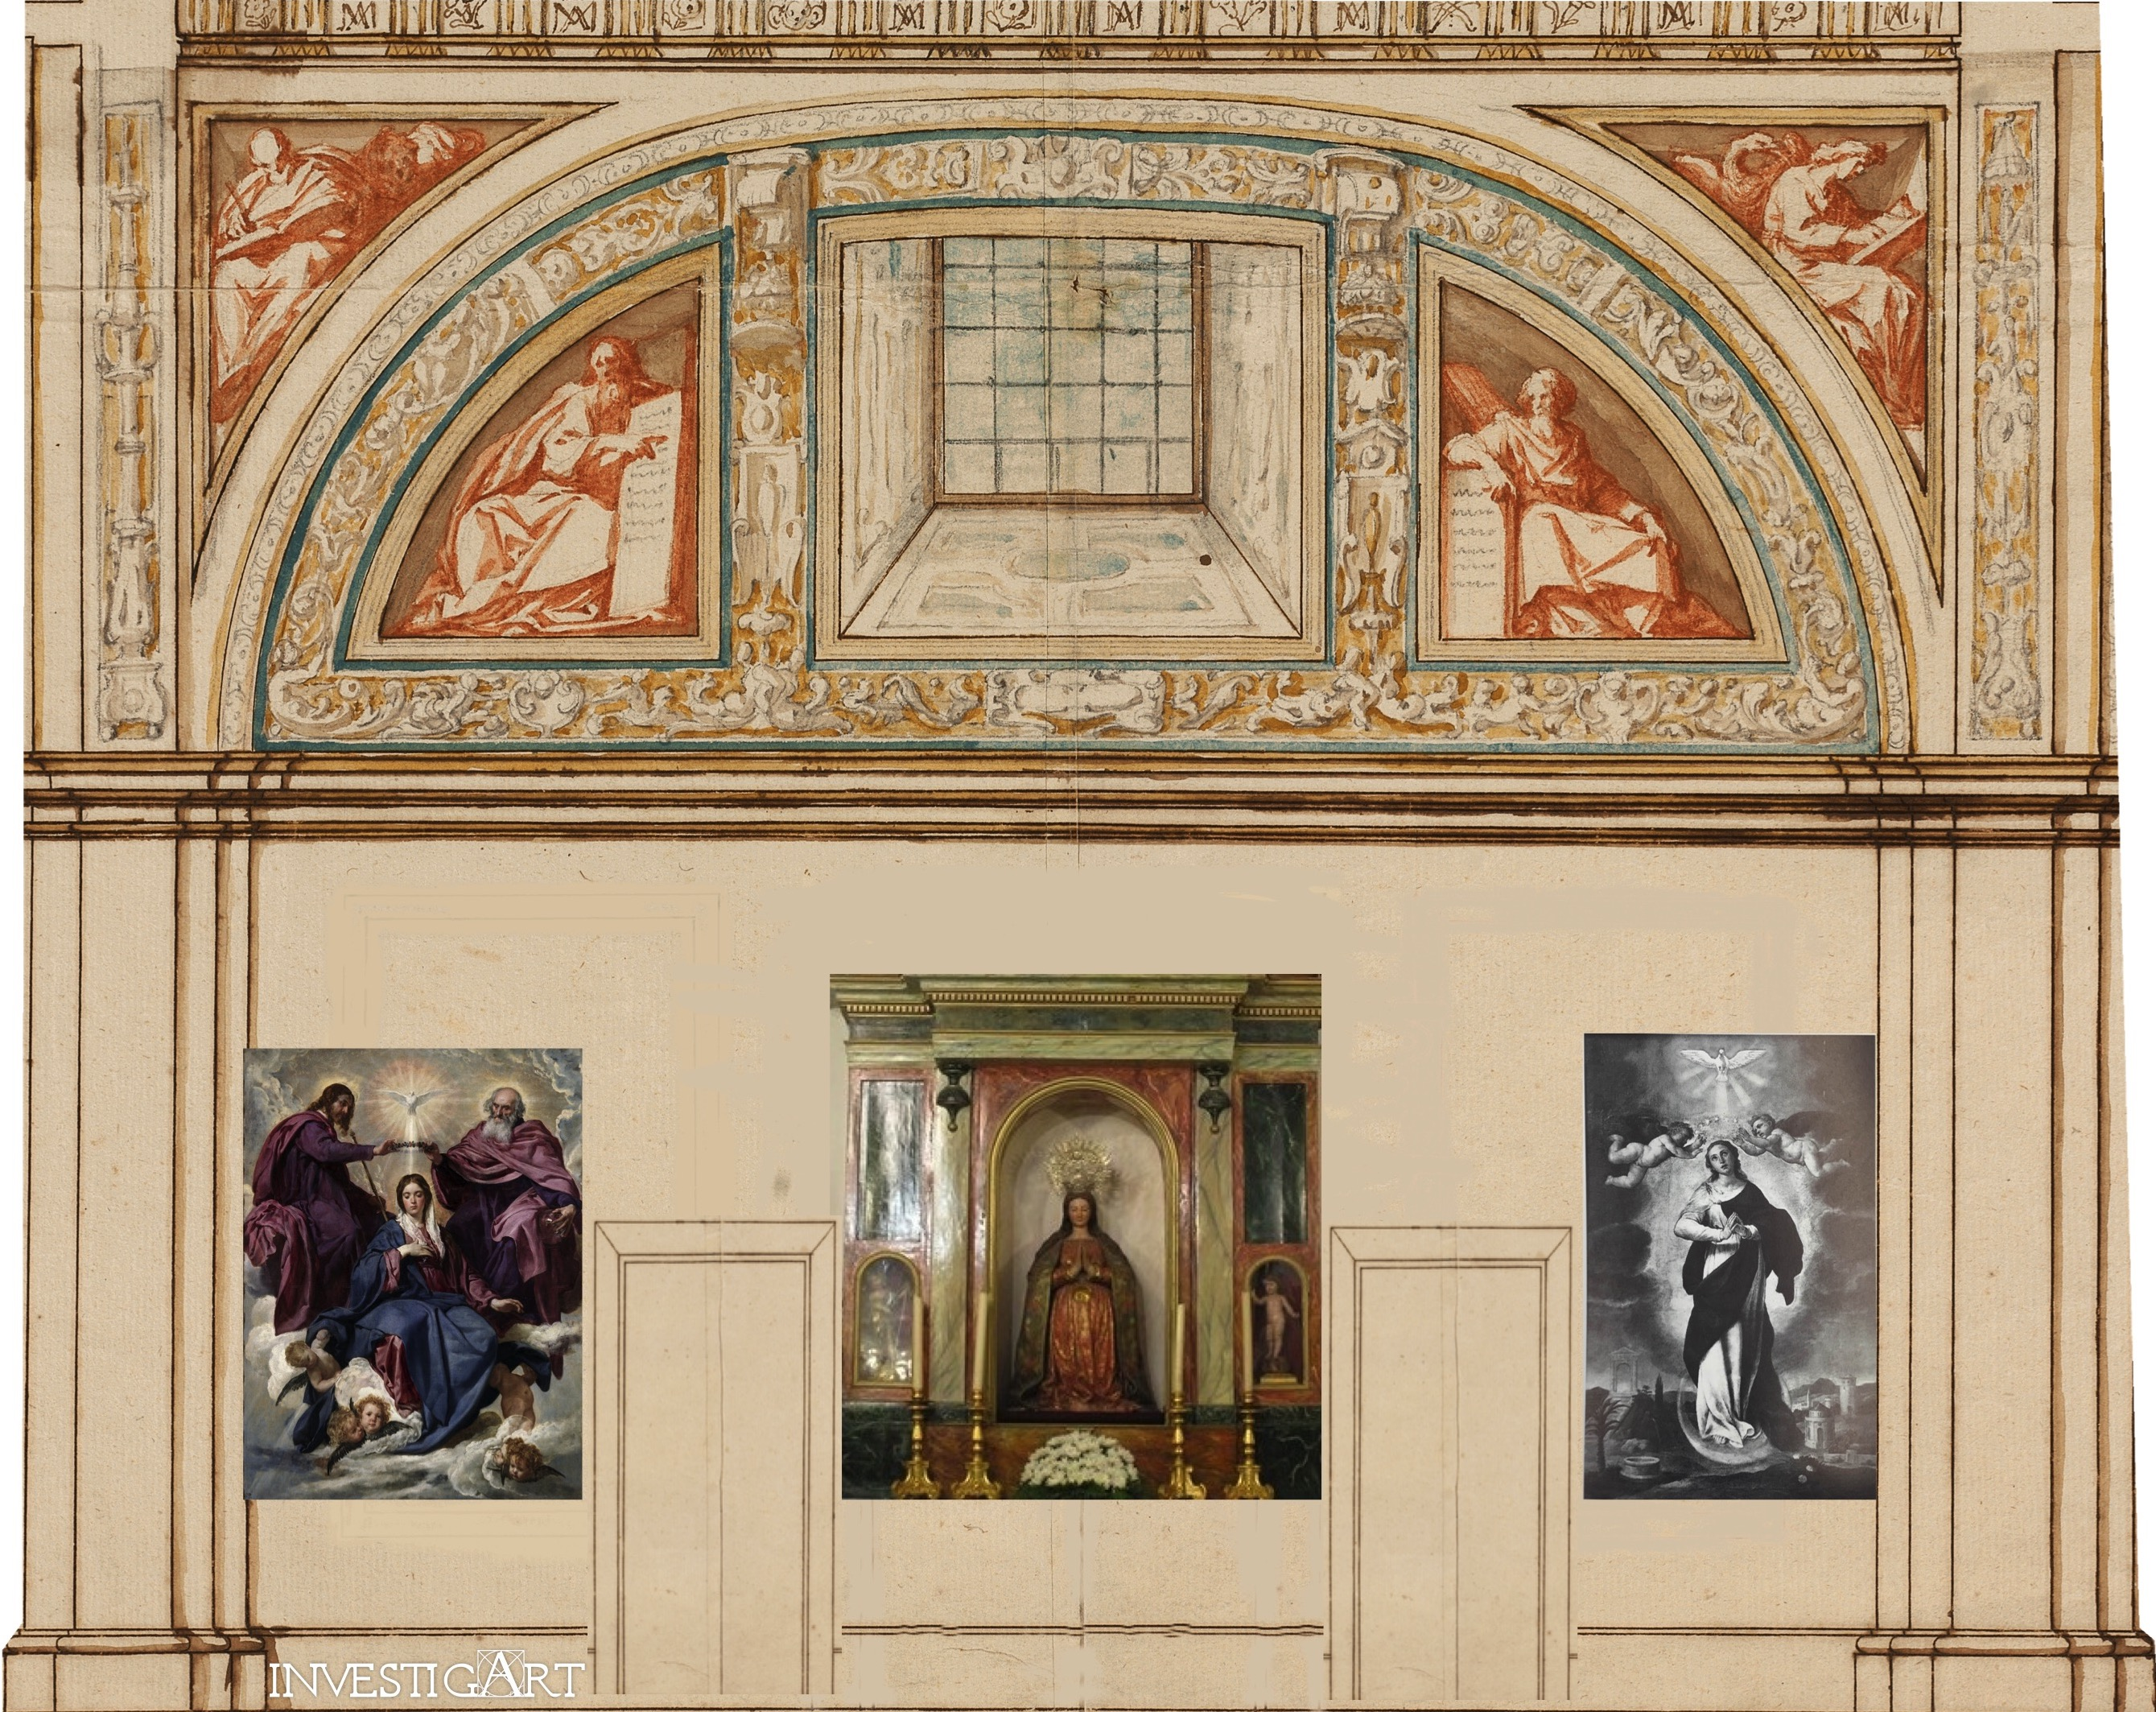 El Oratorio de la reina en el Alcázar de Madrid. Una propuesta de reconstrucción